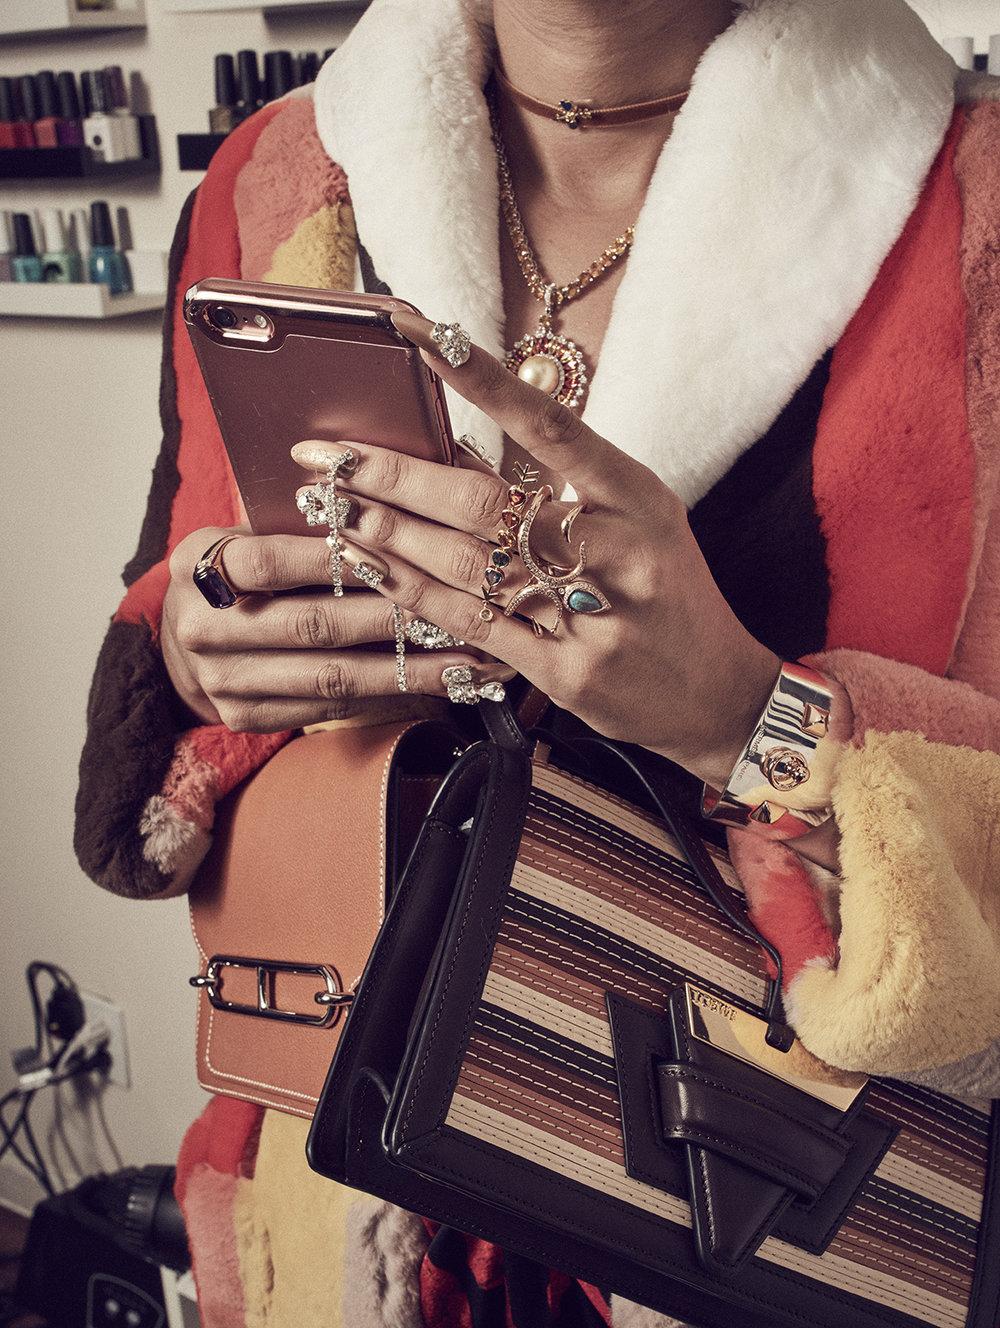 Abrigo de  MIU MIU ,vestido de  ELLERY,  bolsos de  LOEWE  y  HERMÈS, gargantilla de  DANIELA VILLEGAS  y collar de  ELLA GEM .Mano izquierda: brazalete de  HERMÈS  y anillos de  DANIELA VILLEGAS  y  ANA KATARINA . Mano derecha: piedras y anillo de  DANIELA VILLEGAS  y anillo de  BVLGARI.